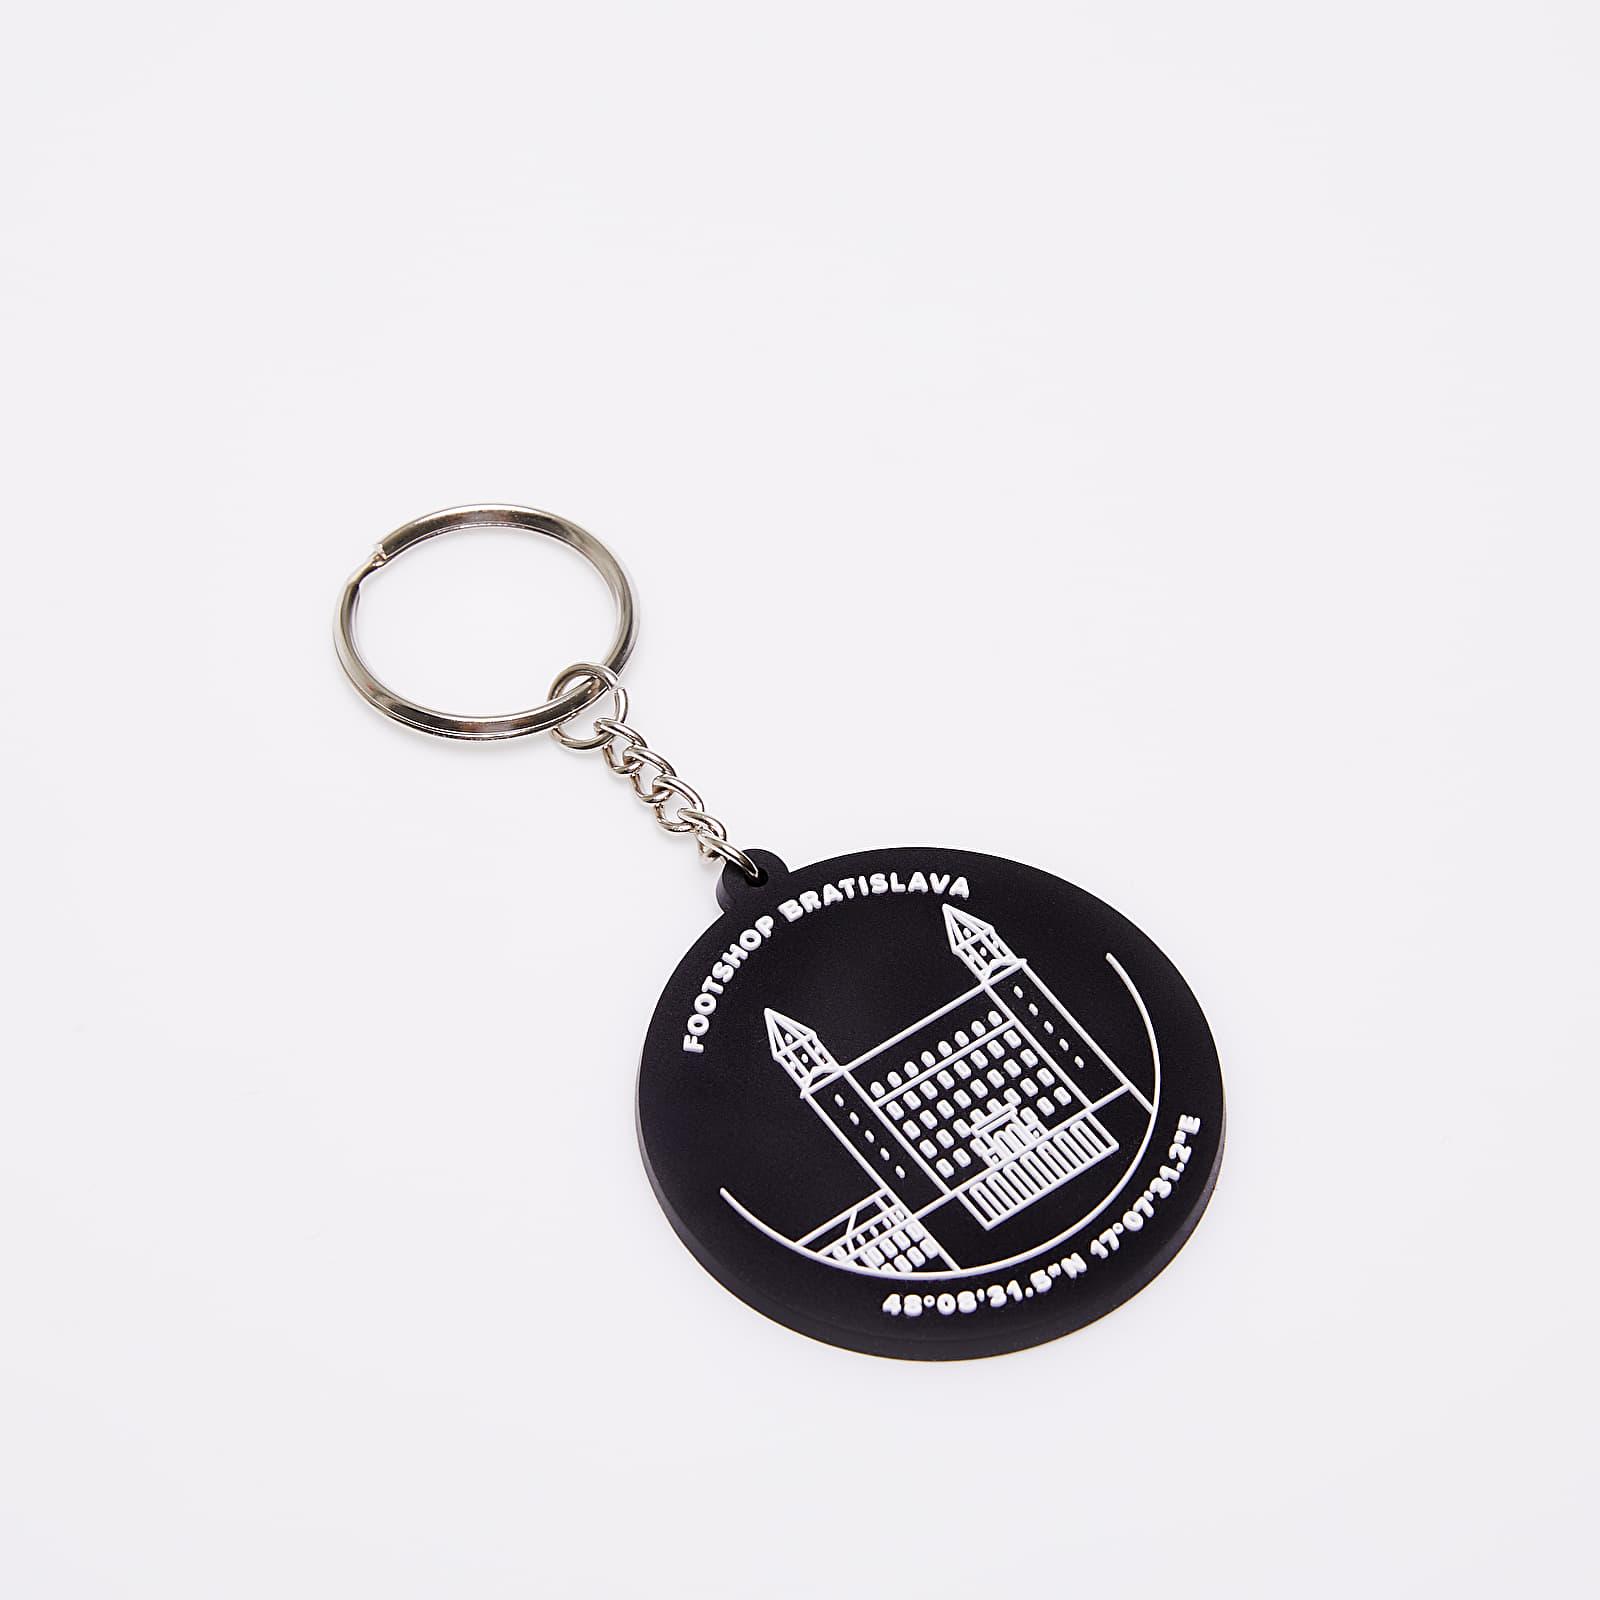 Doplňky Footshop Bratislava Keychain Black